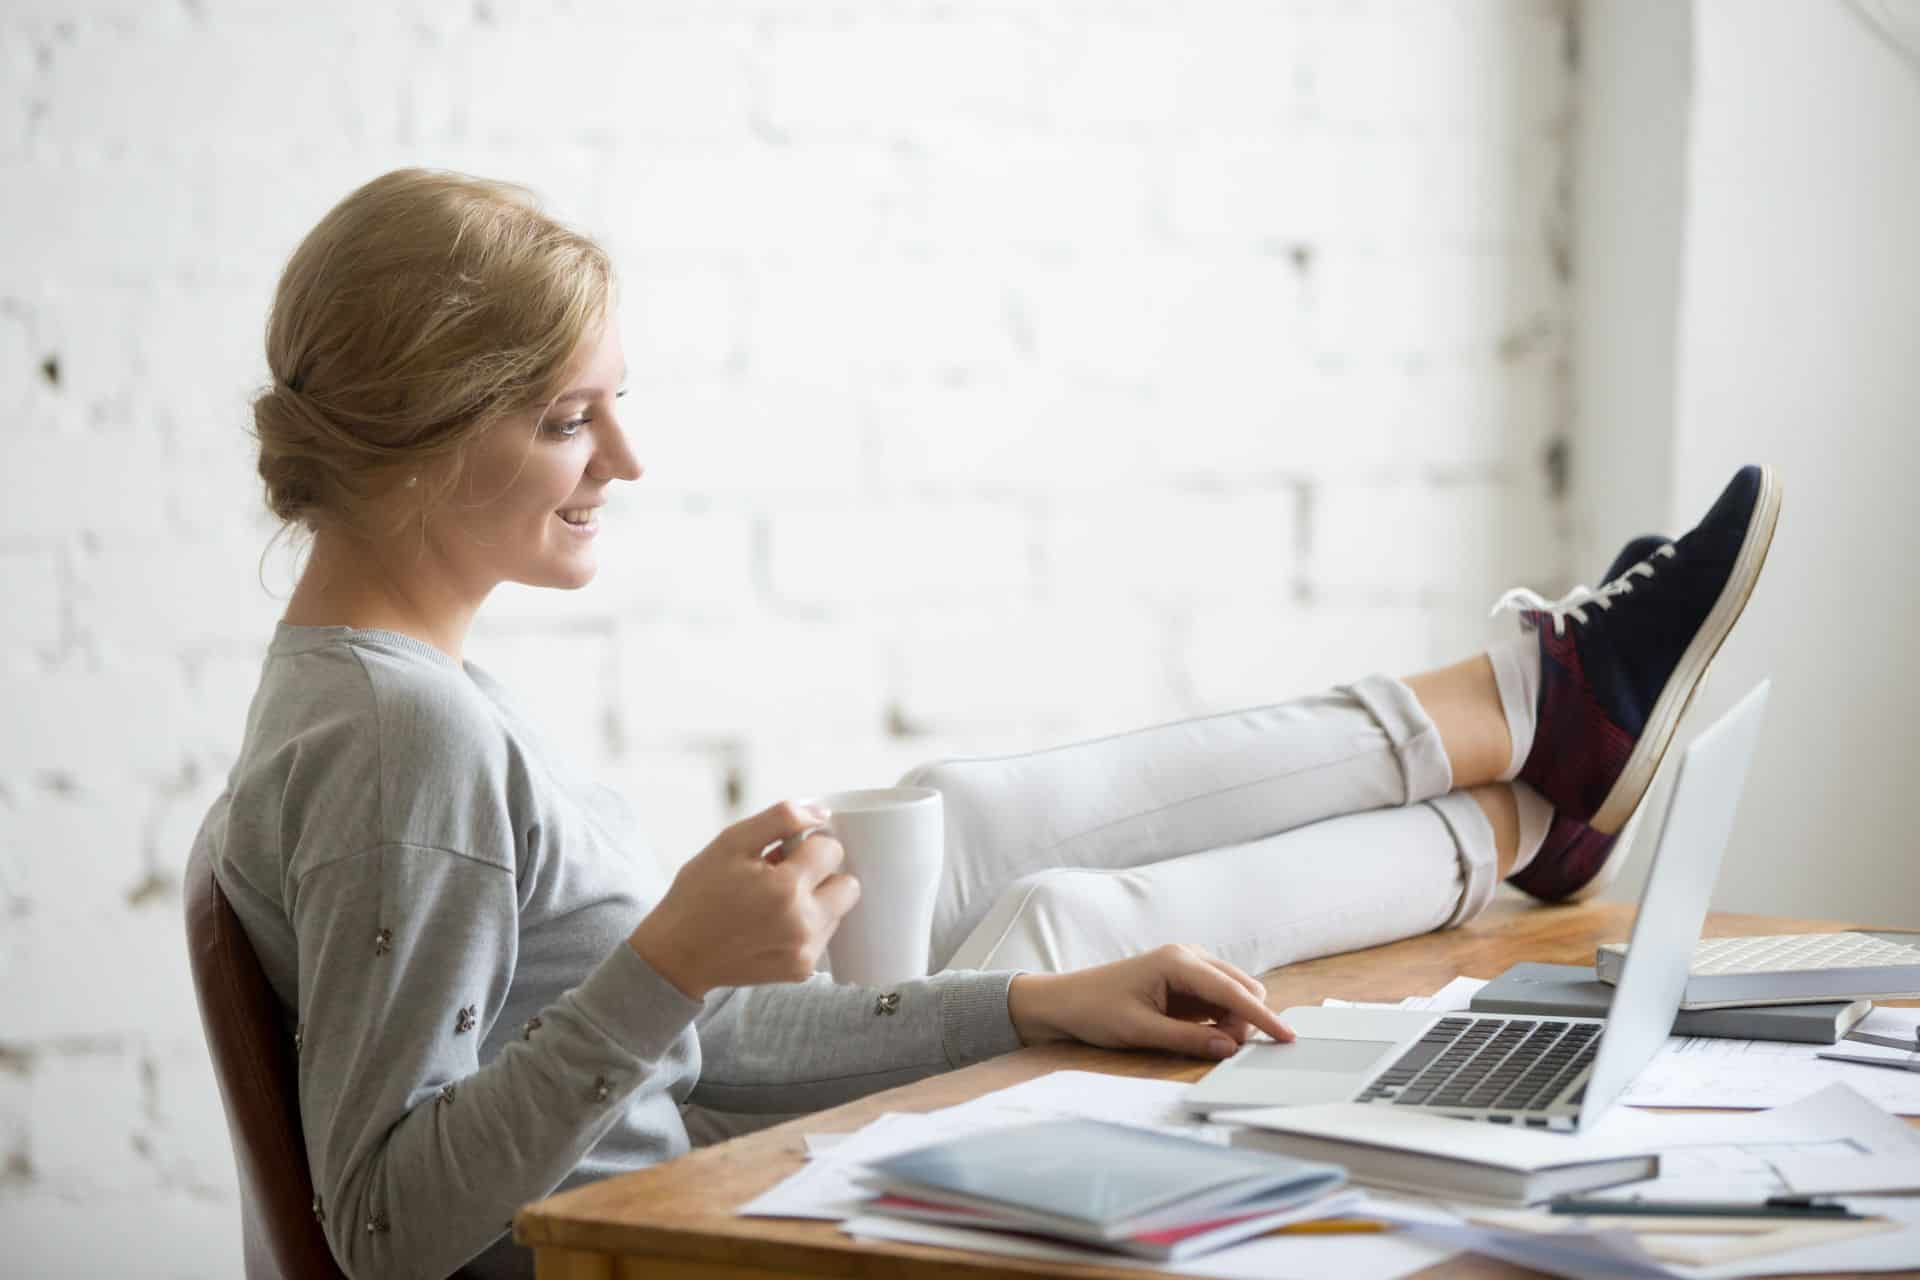 Pénzkeresés HOBBIVAL ! + Hogyan lehet hobbival sok pénzt keresni online az interneten ?